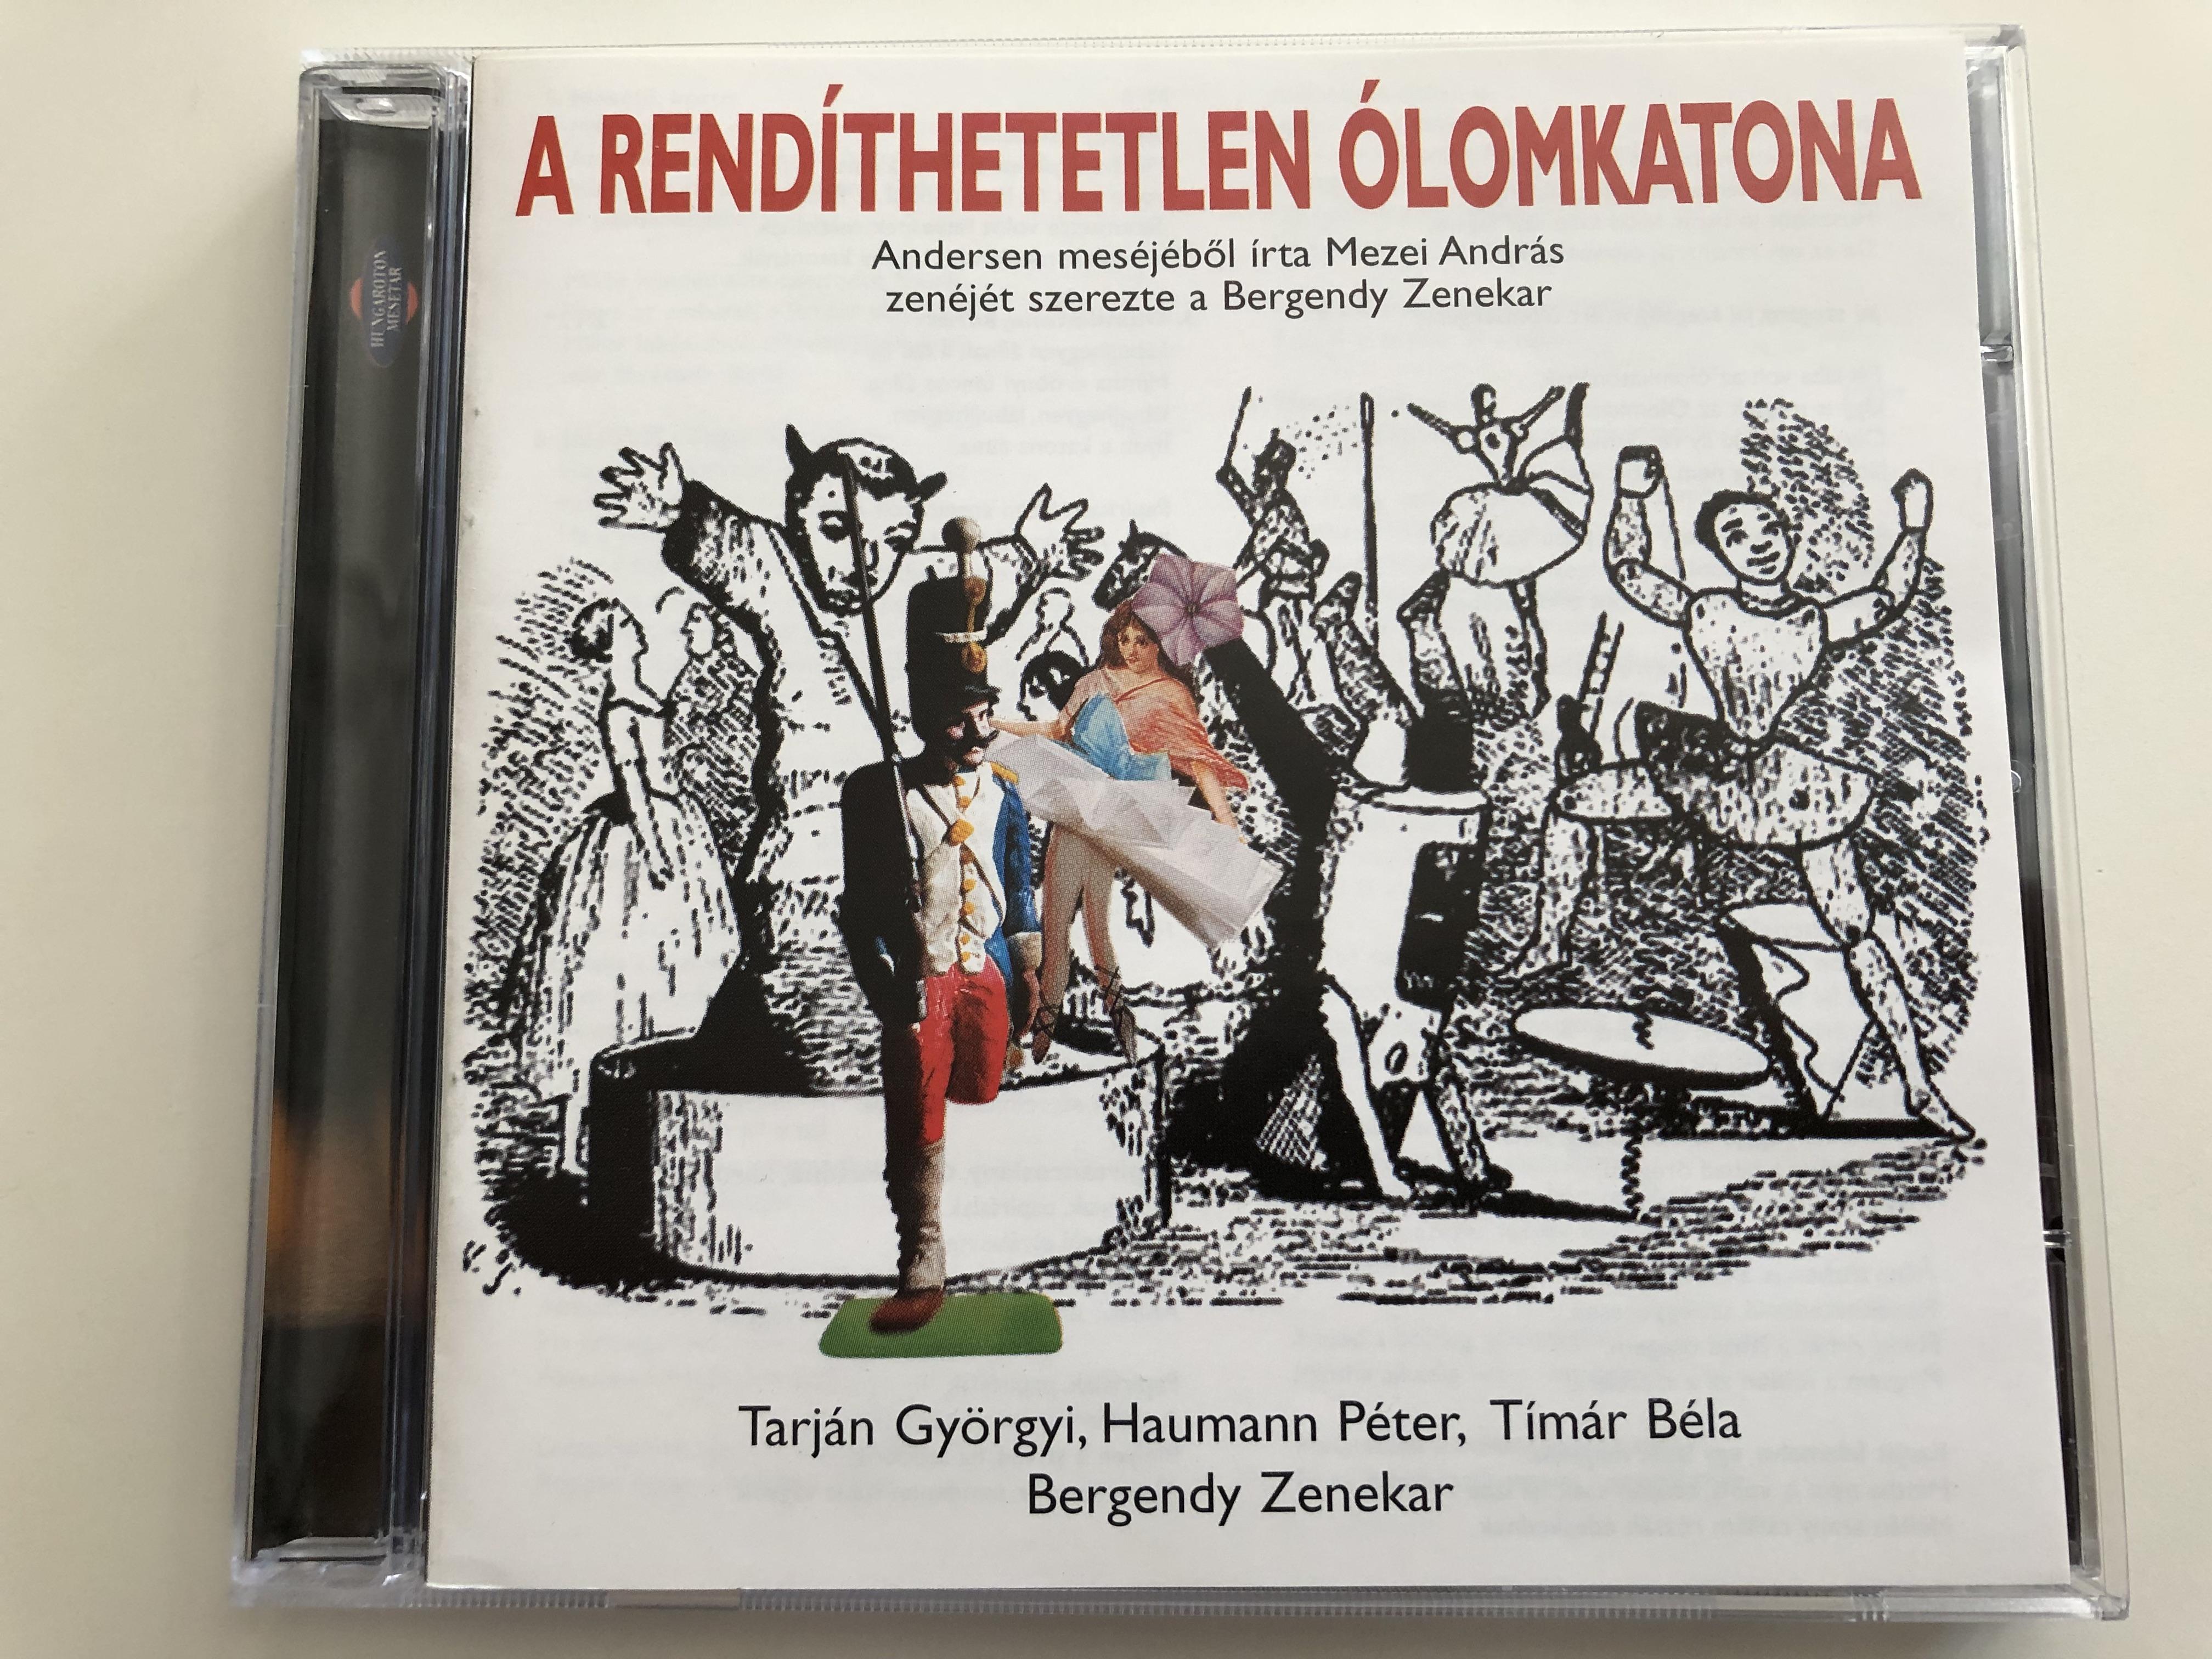 a-rend-thetetlen-lomkatona-andersen-mes-j-b-l-rta-mezei-andr-s-zen-j-t-szerezte-a-bergendy-zenekar-tarj-n-gy-rgyi-haumann-p-ter-t-m-r-b-la-bergendy-zenekar-based-on-andersen-s-story-audio-cd-1-.jpg